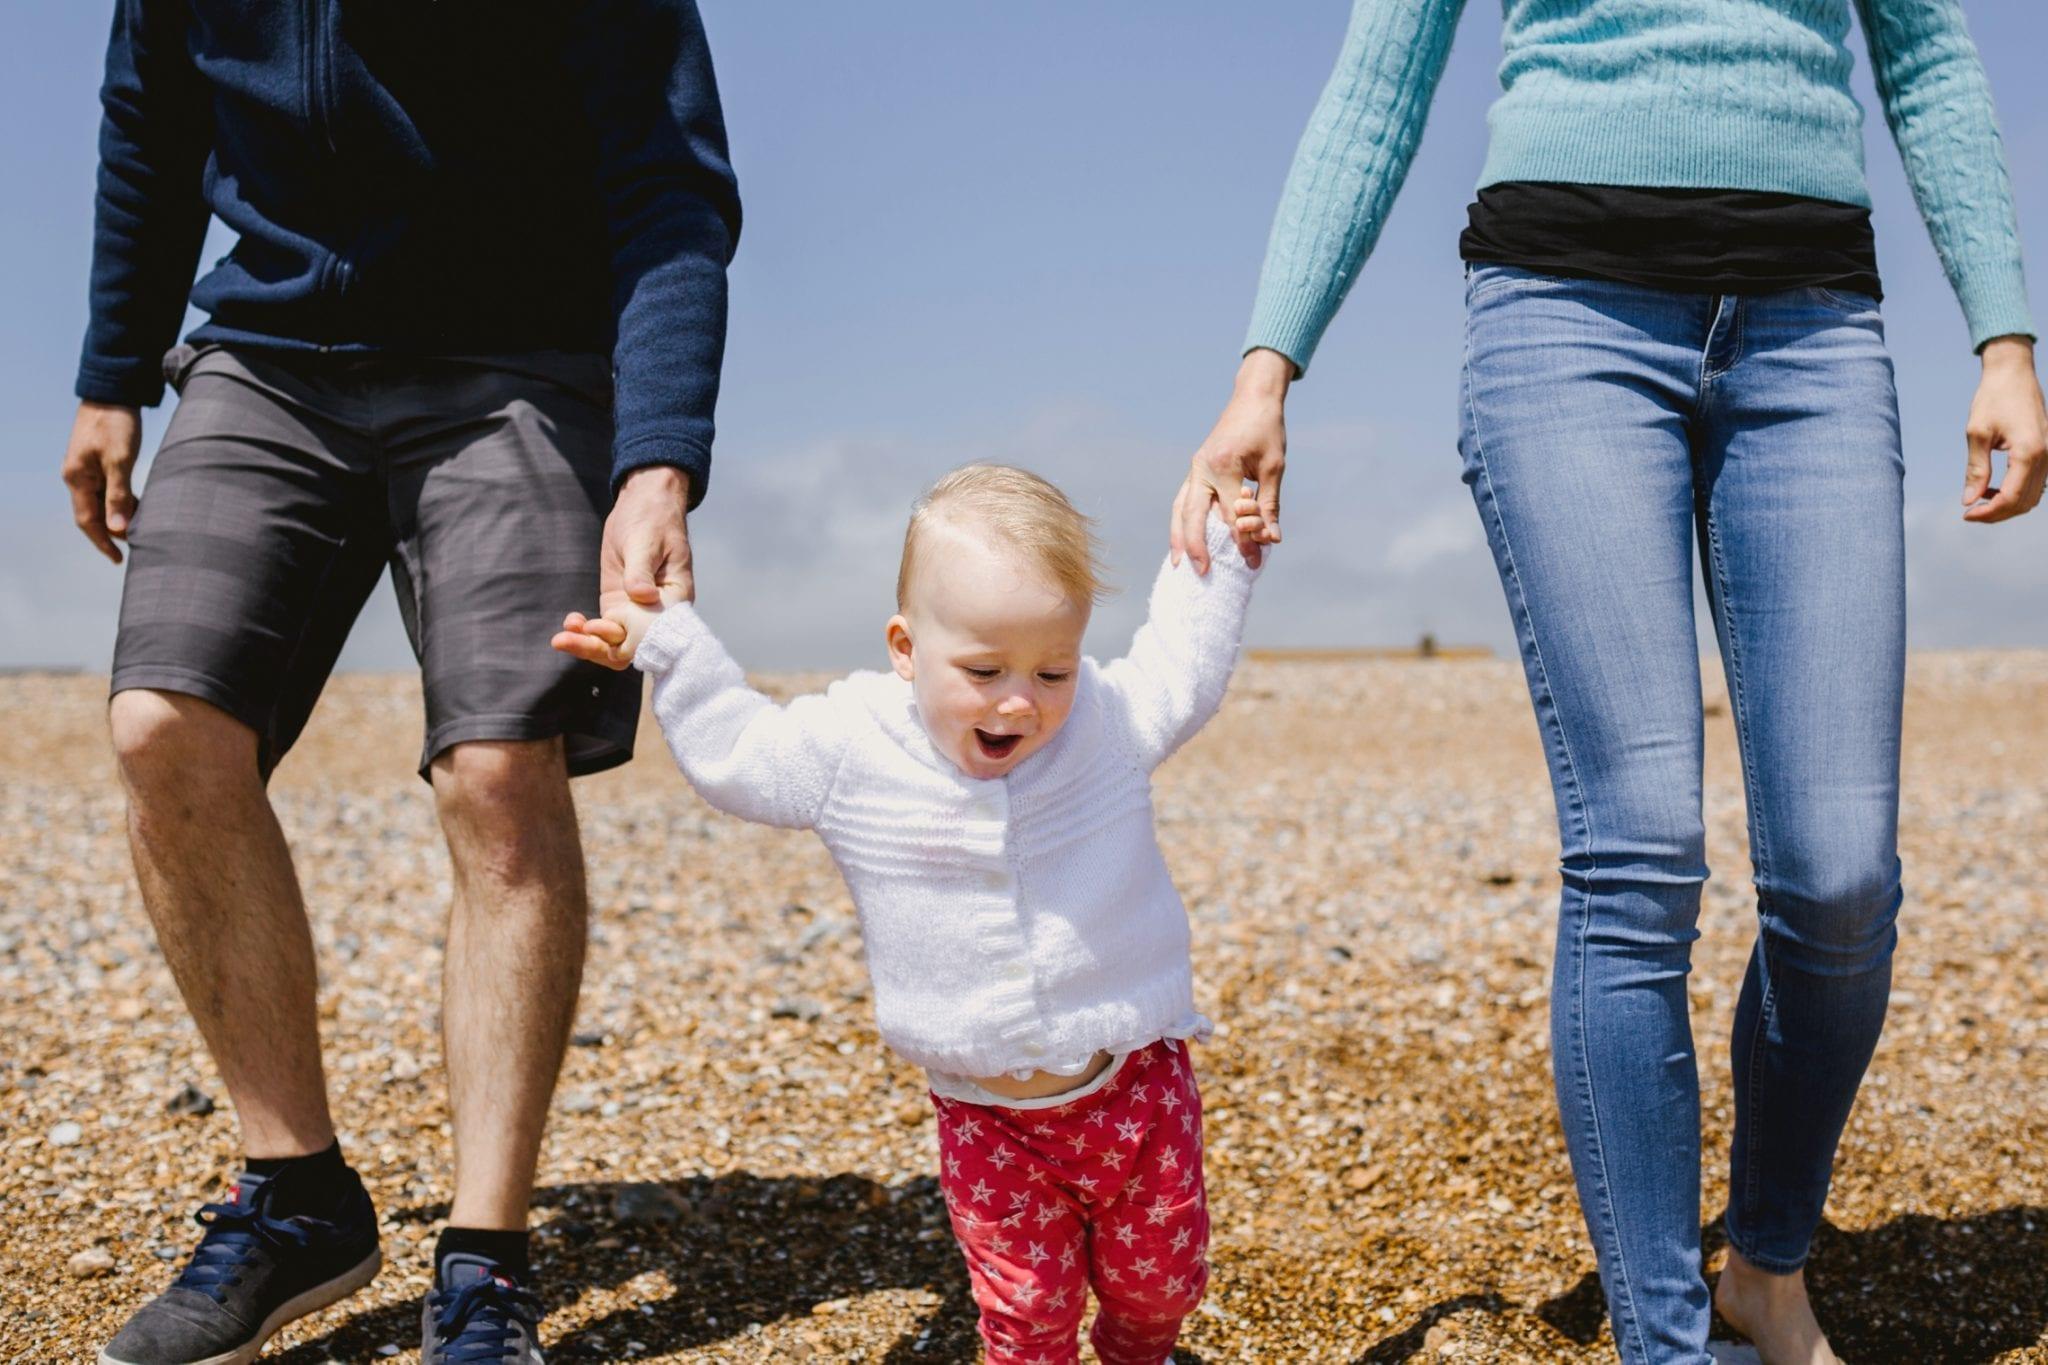 Family Photography - walk on a beach